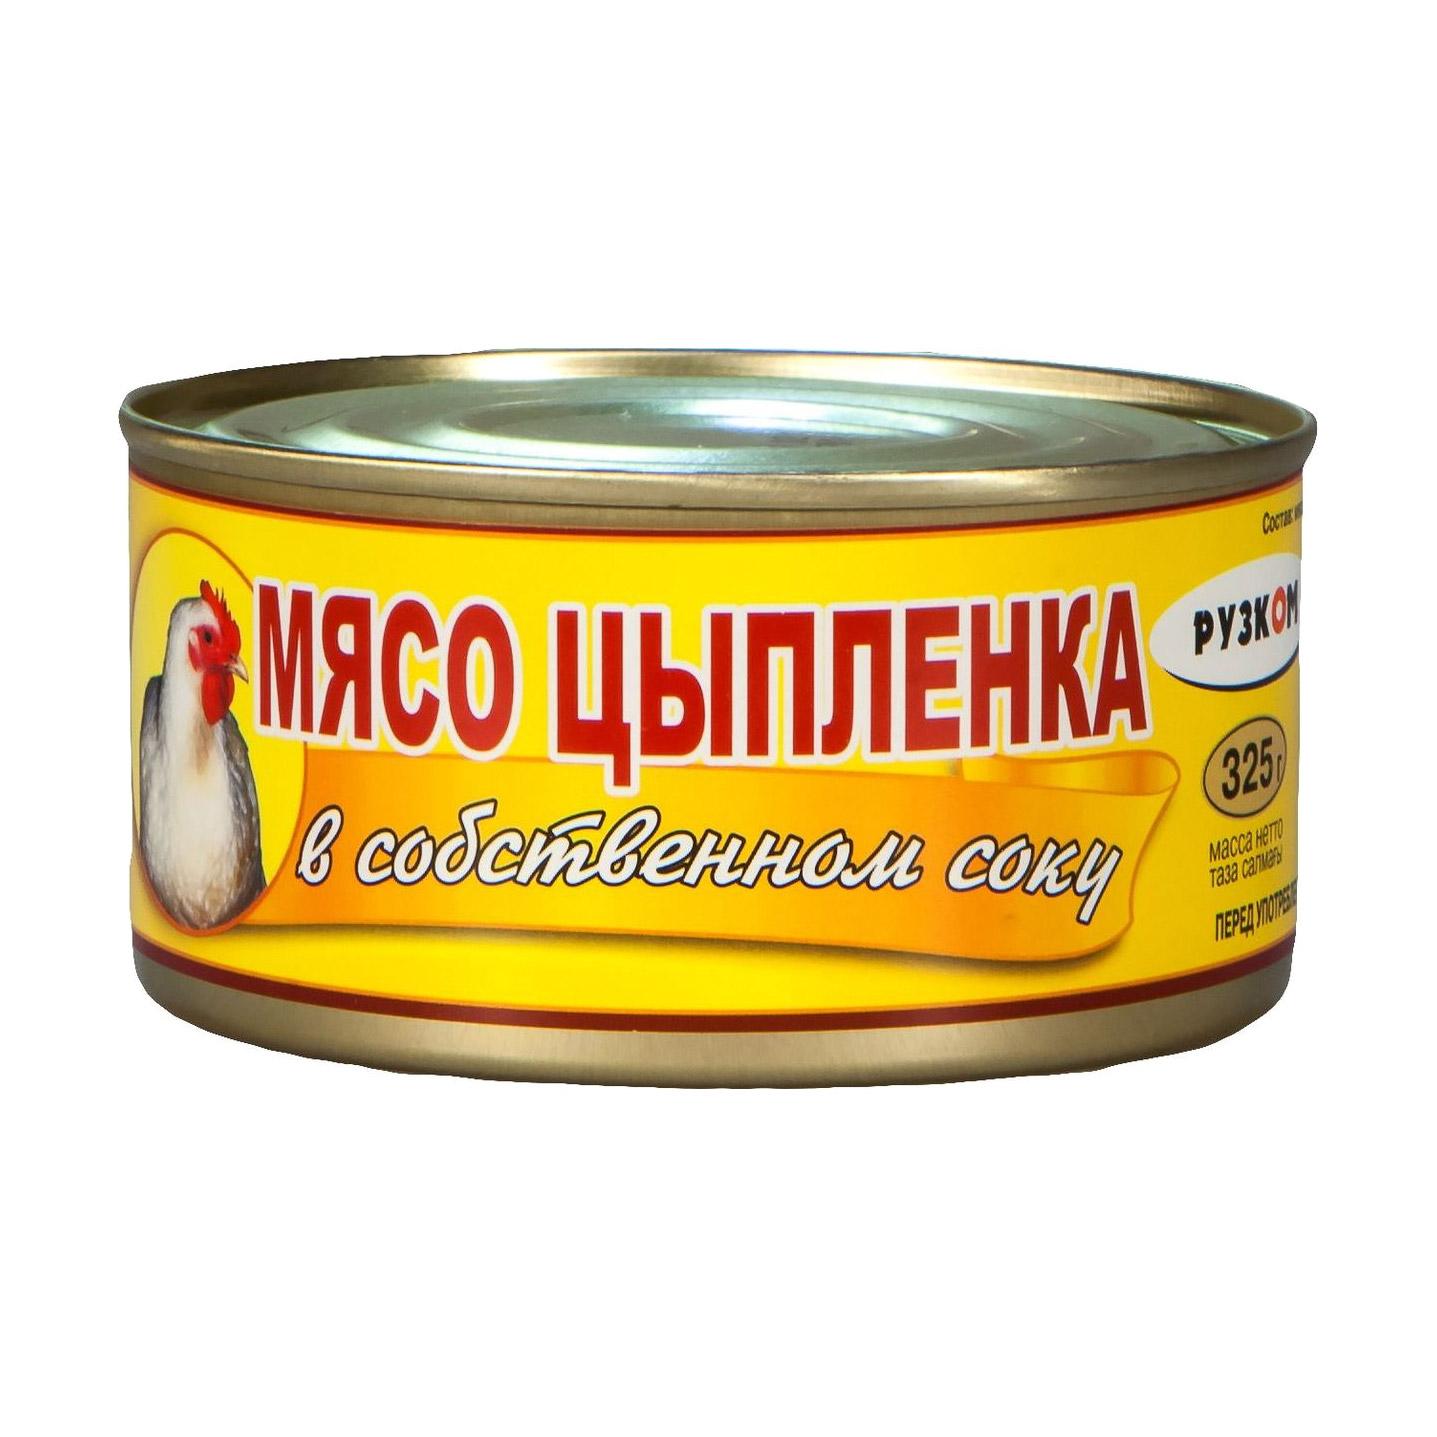 Мясо цыпленка Рузком 325 г